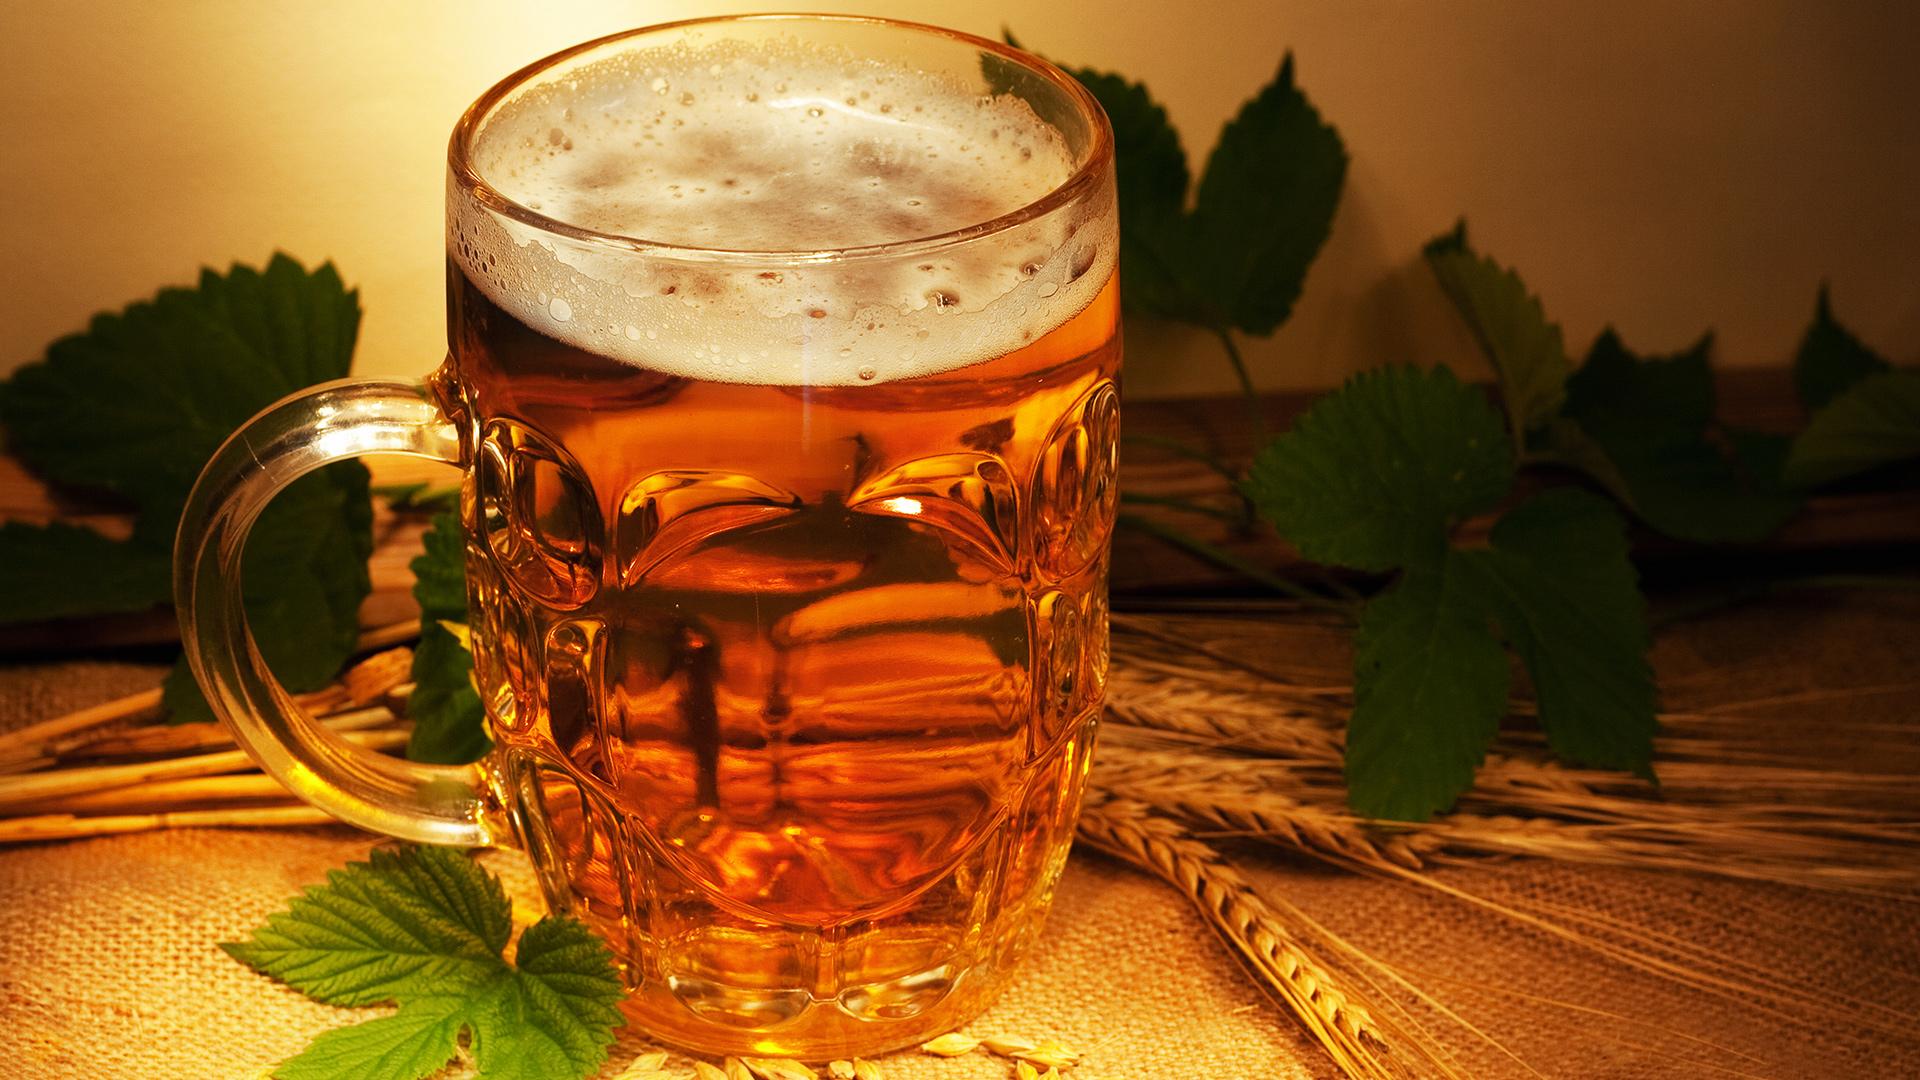 Пивные дрожжи своими руками для пива фото 80